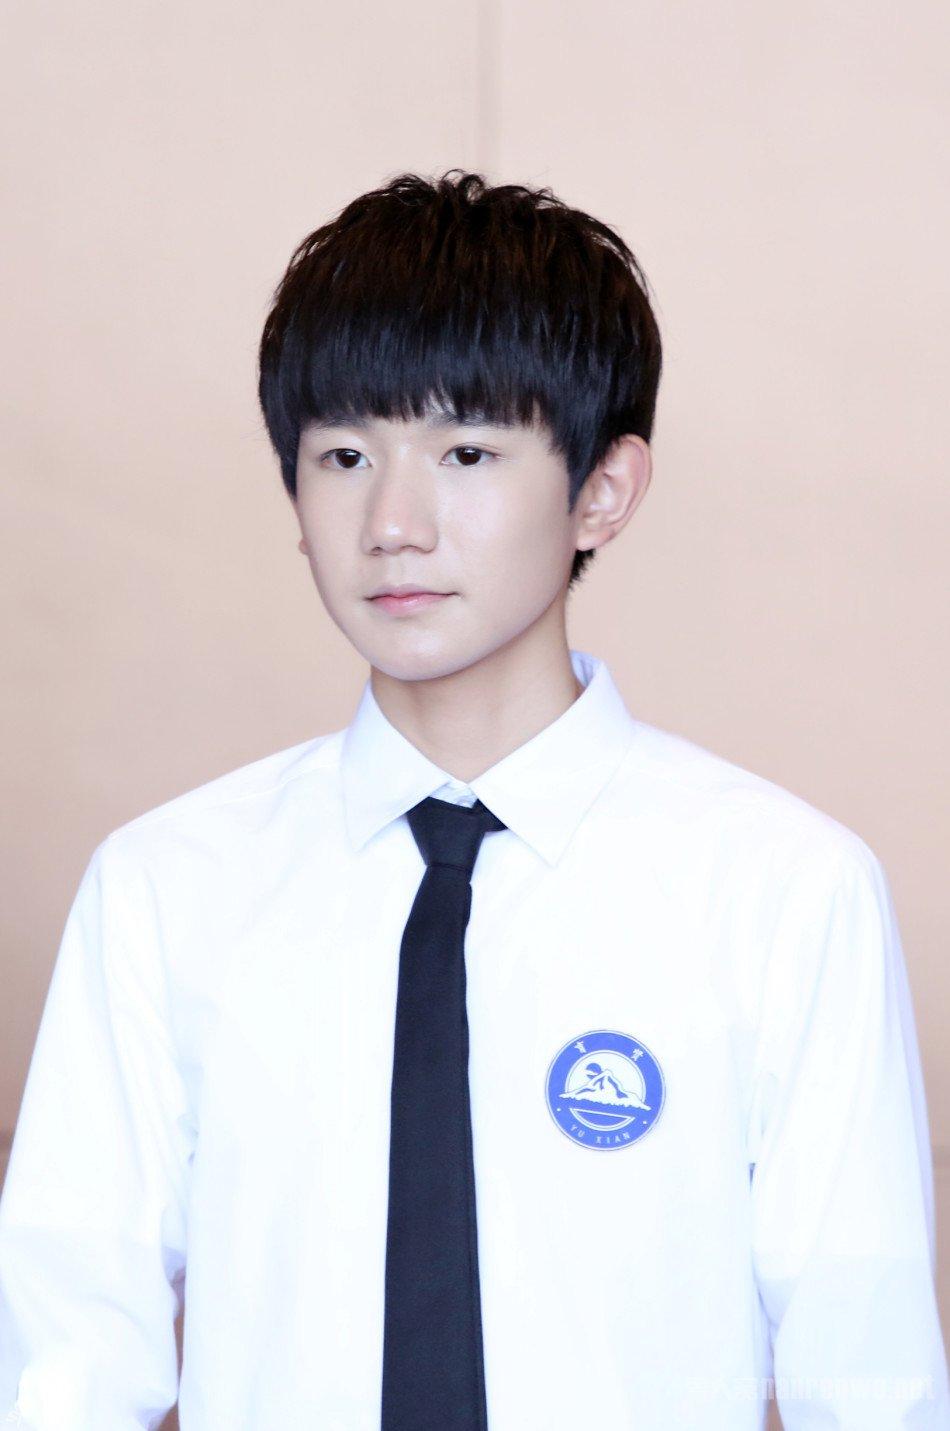 王俊凯厦门拍戏遭粉丝求婚 尴尬回应:我还小呢